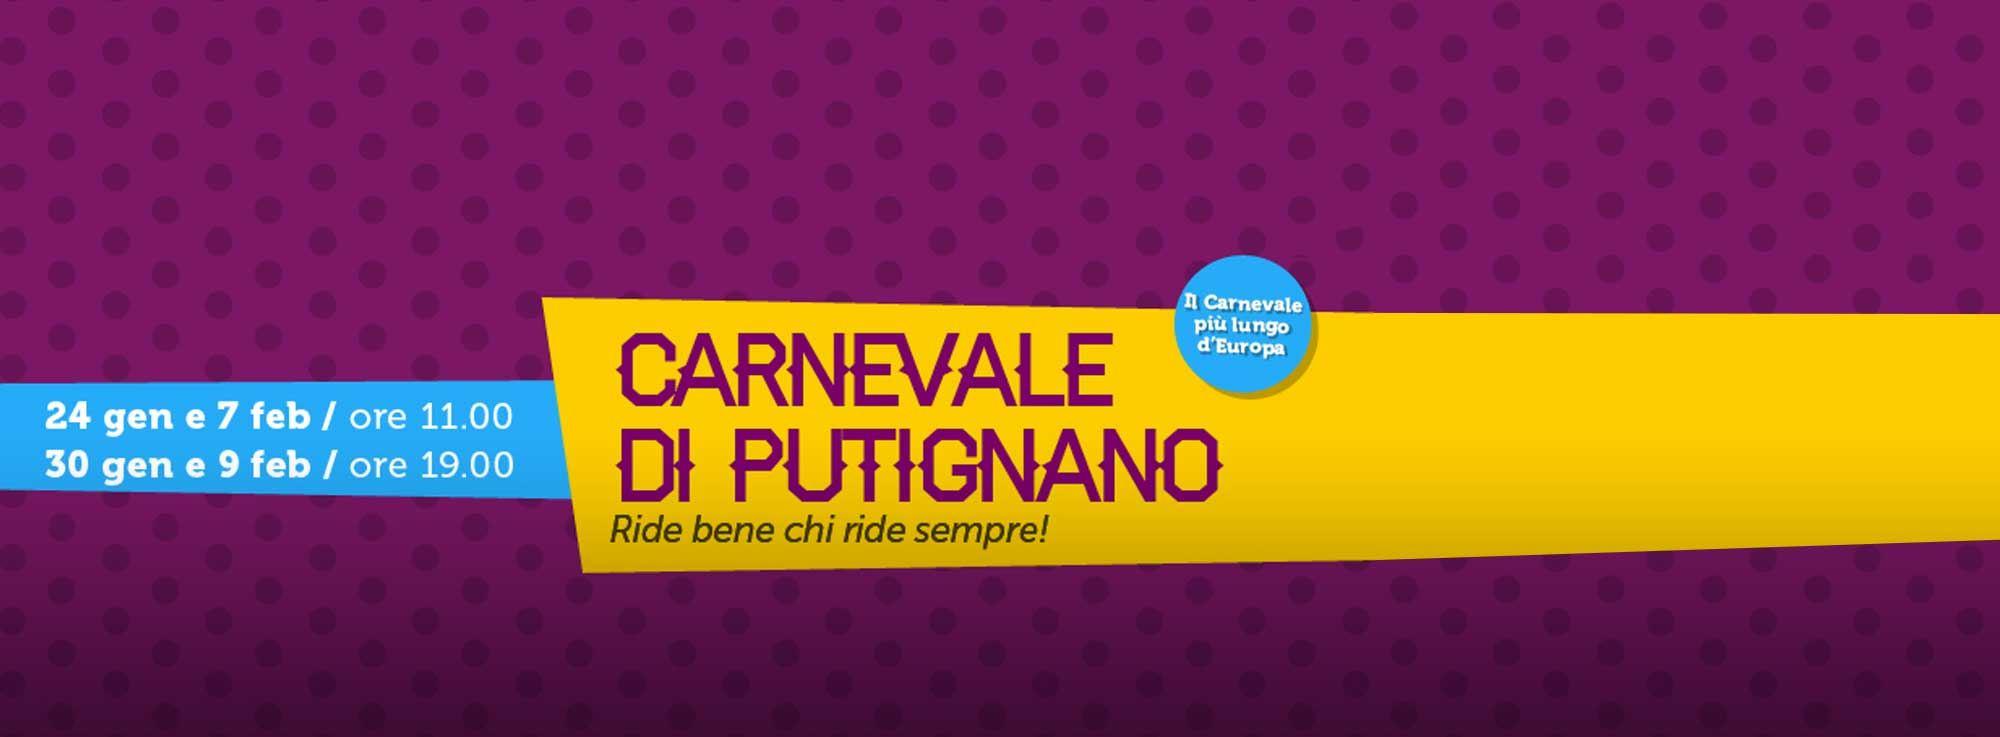 Putignano: Carnevale di Putignano 2016